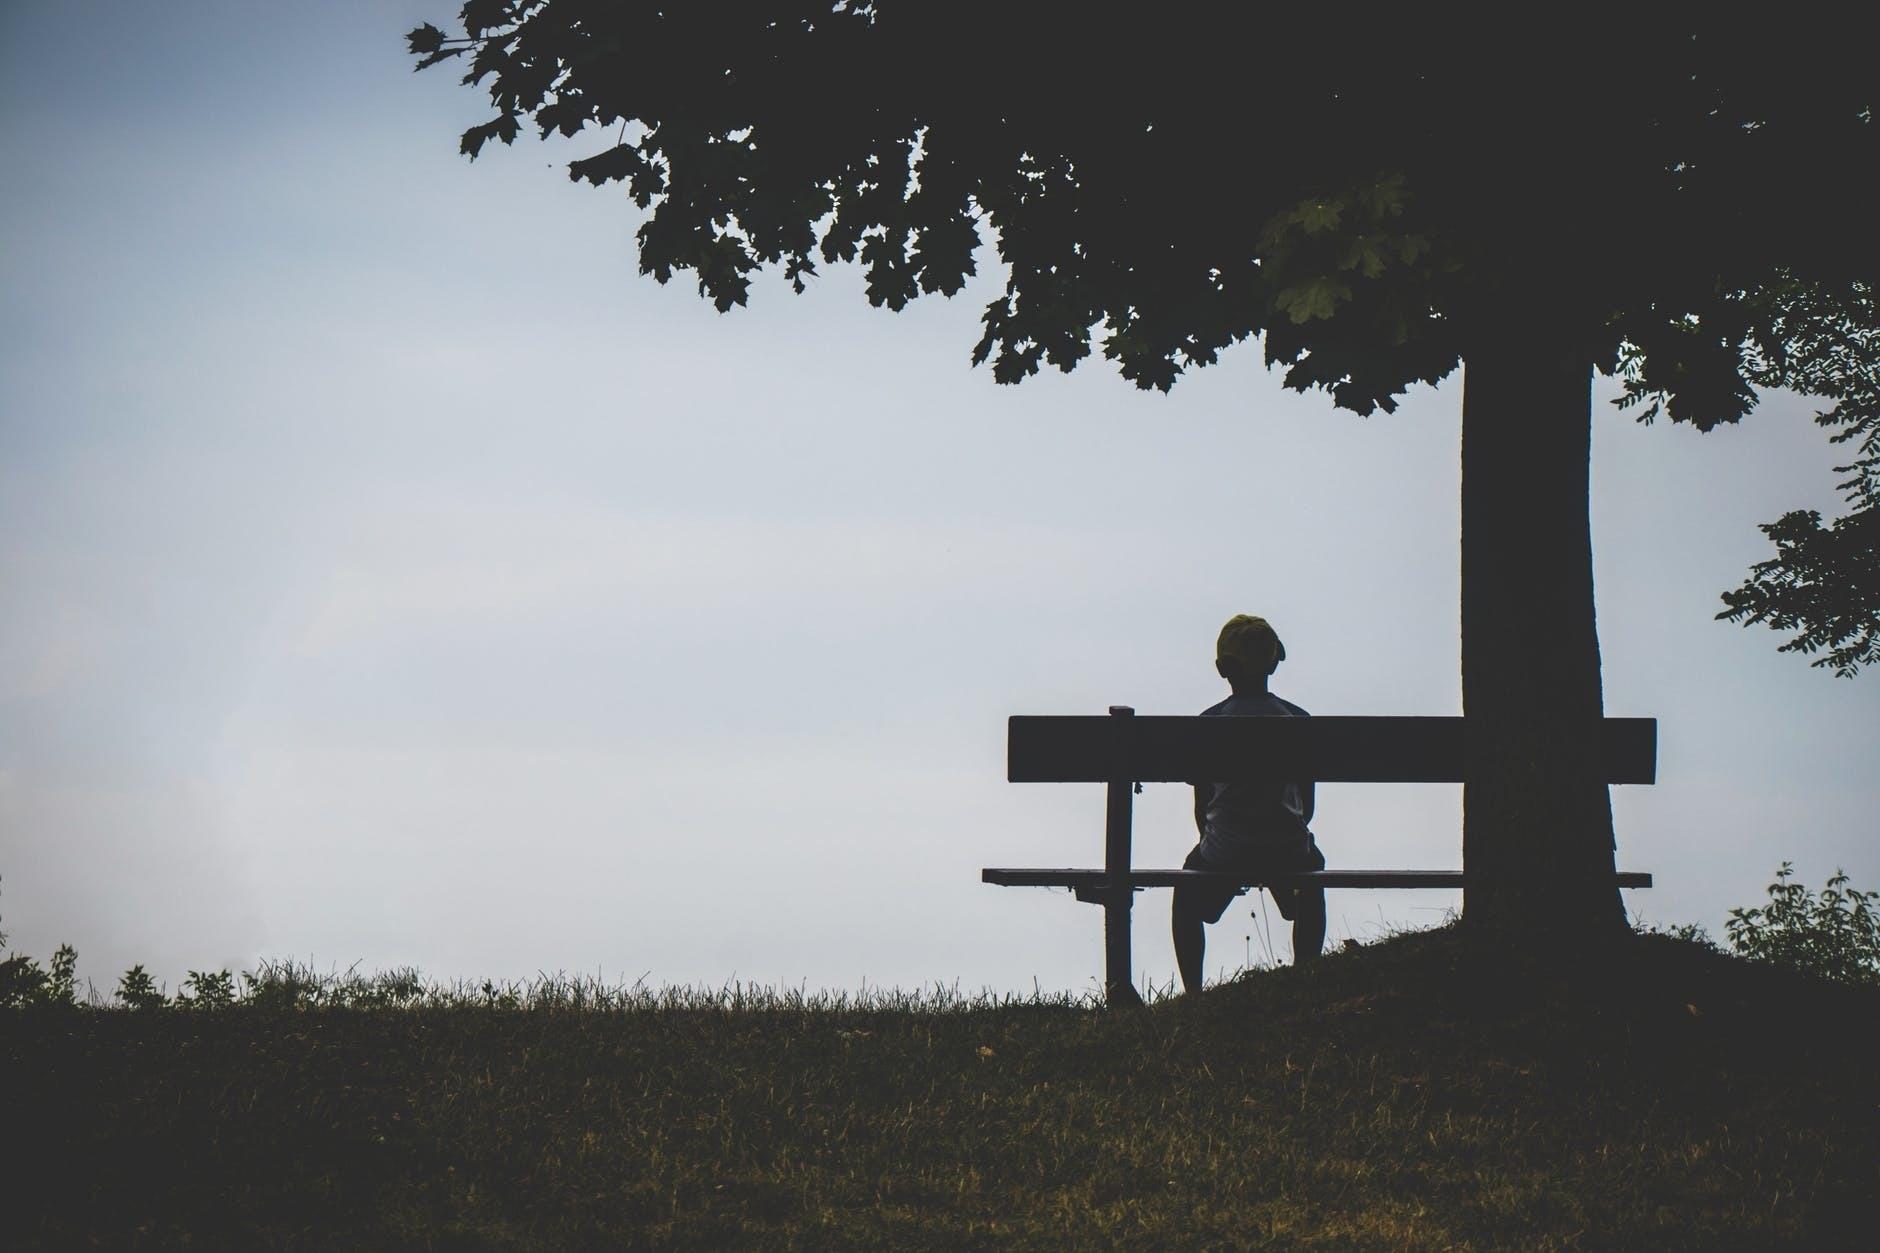 Hiểu về trái tim: Sự nghi ngờ bắt đầu từ đâu? (kỳ 3)